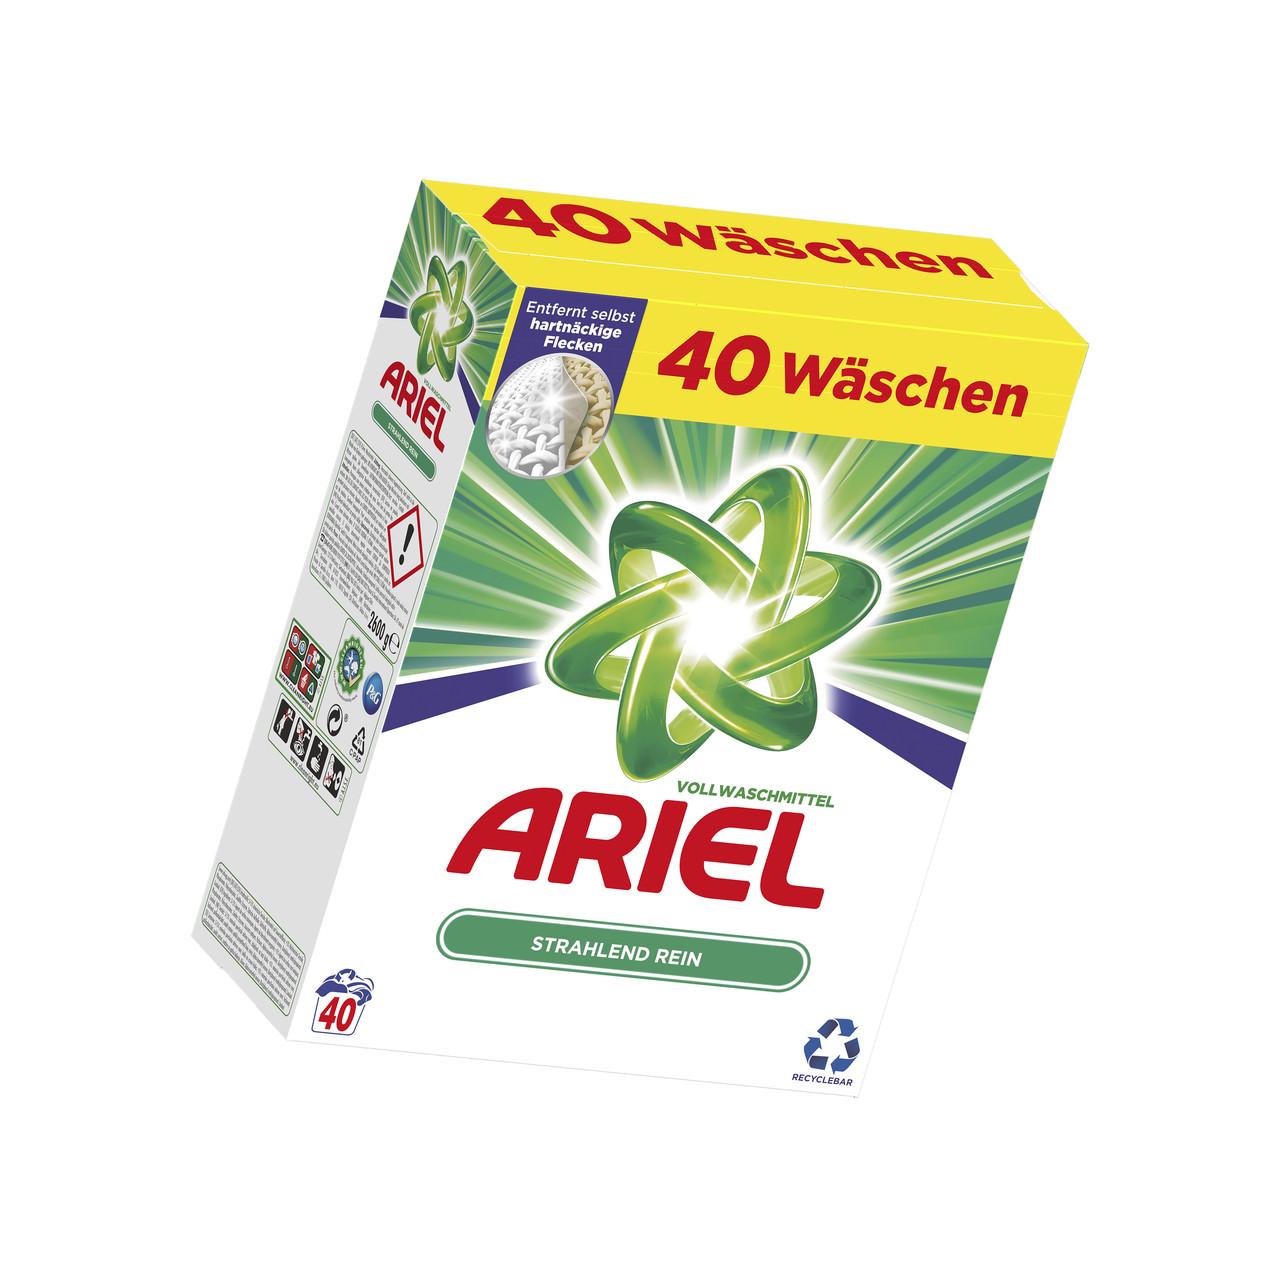 Стиральный порошок Ariel Actilift Vollwaschmittel (2,6 кг) Германия